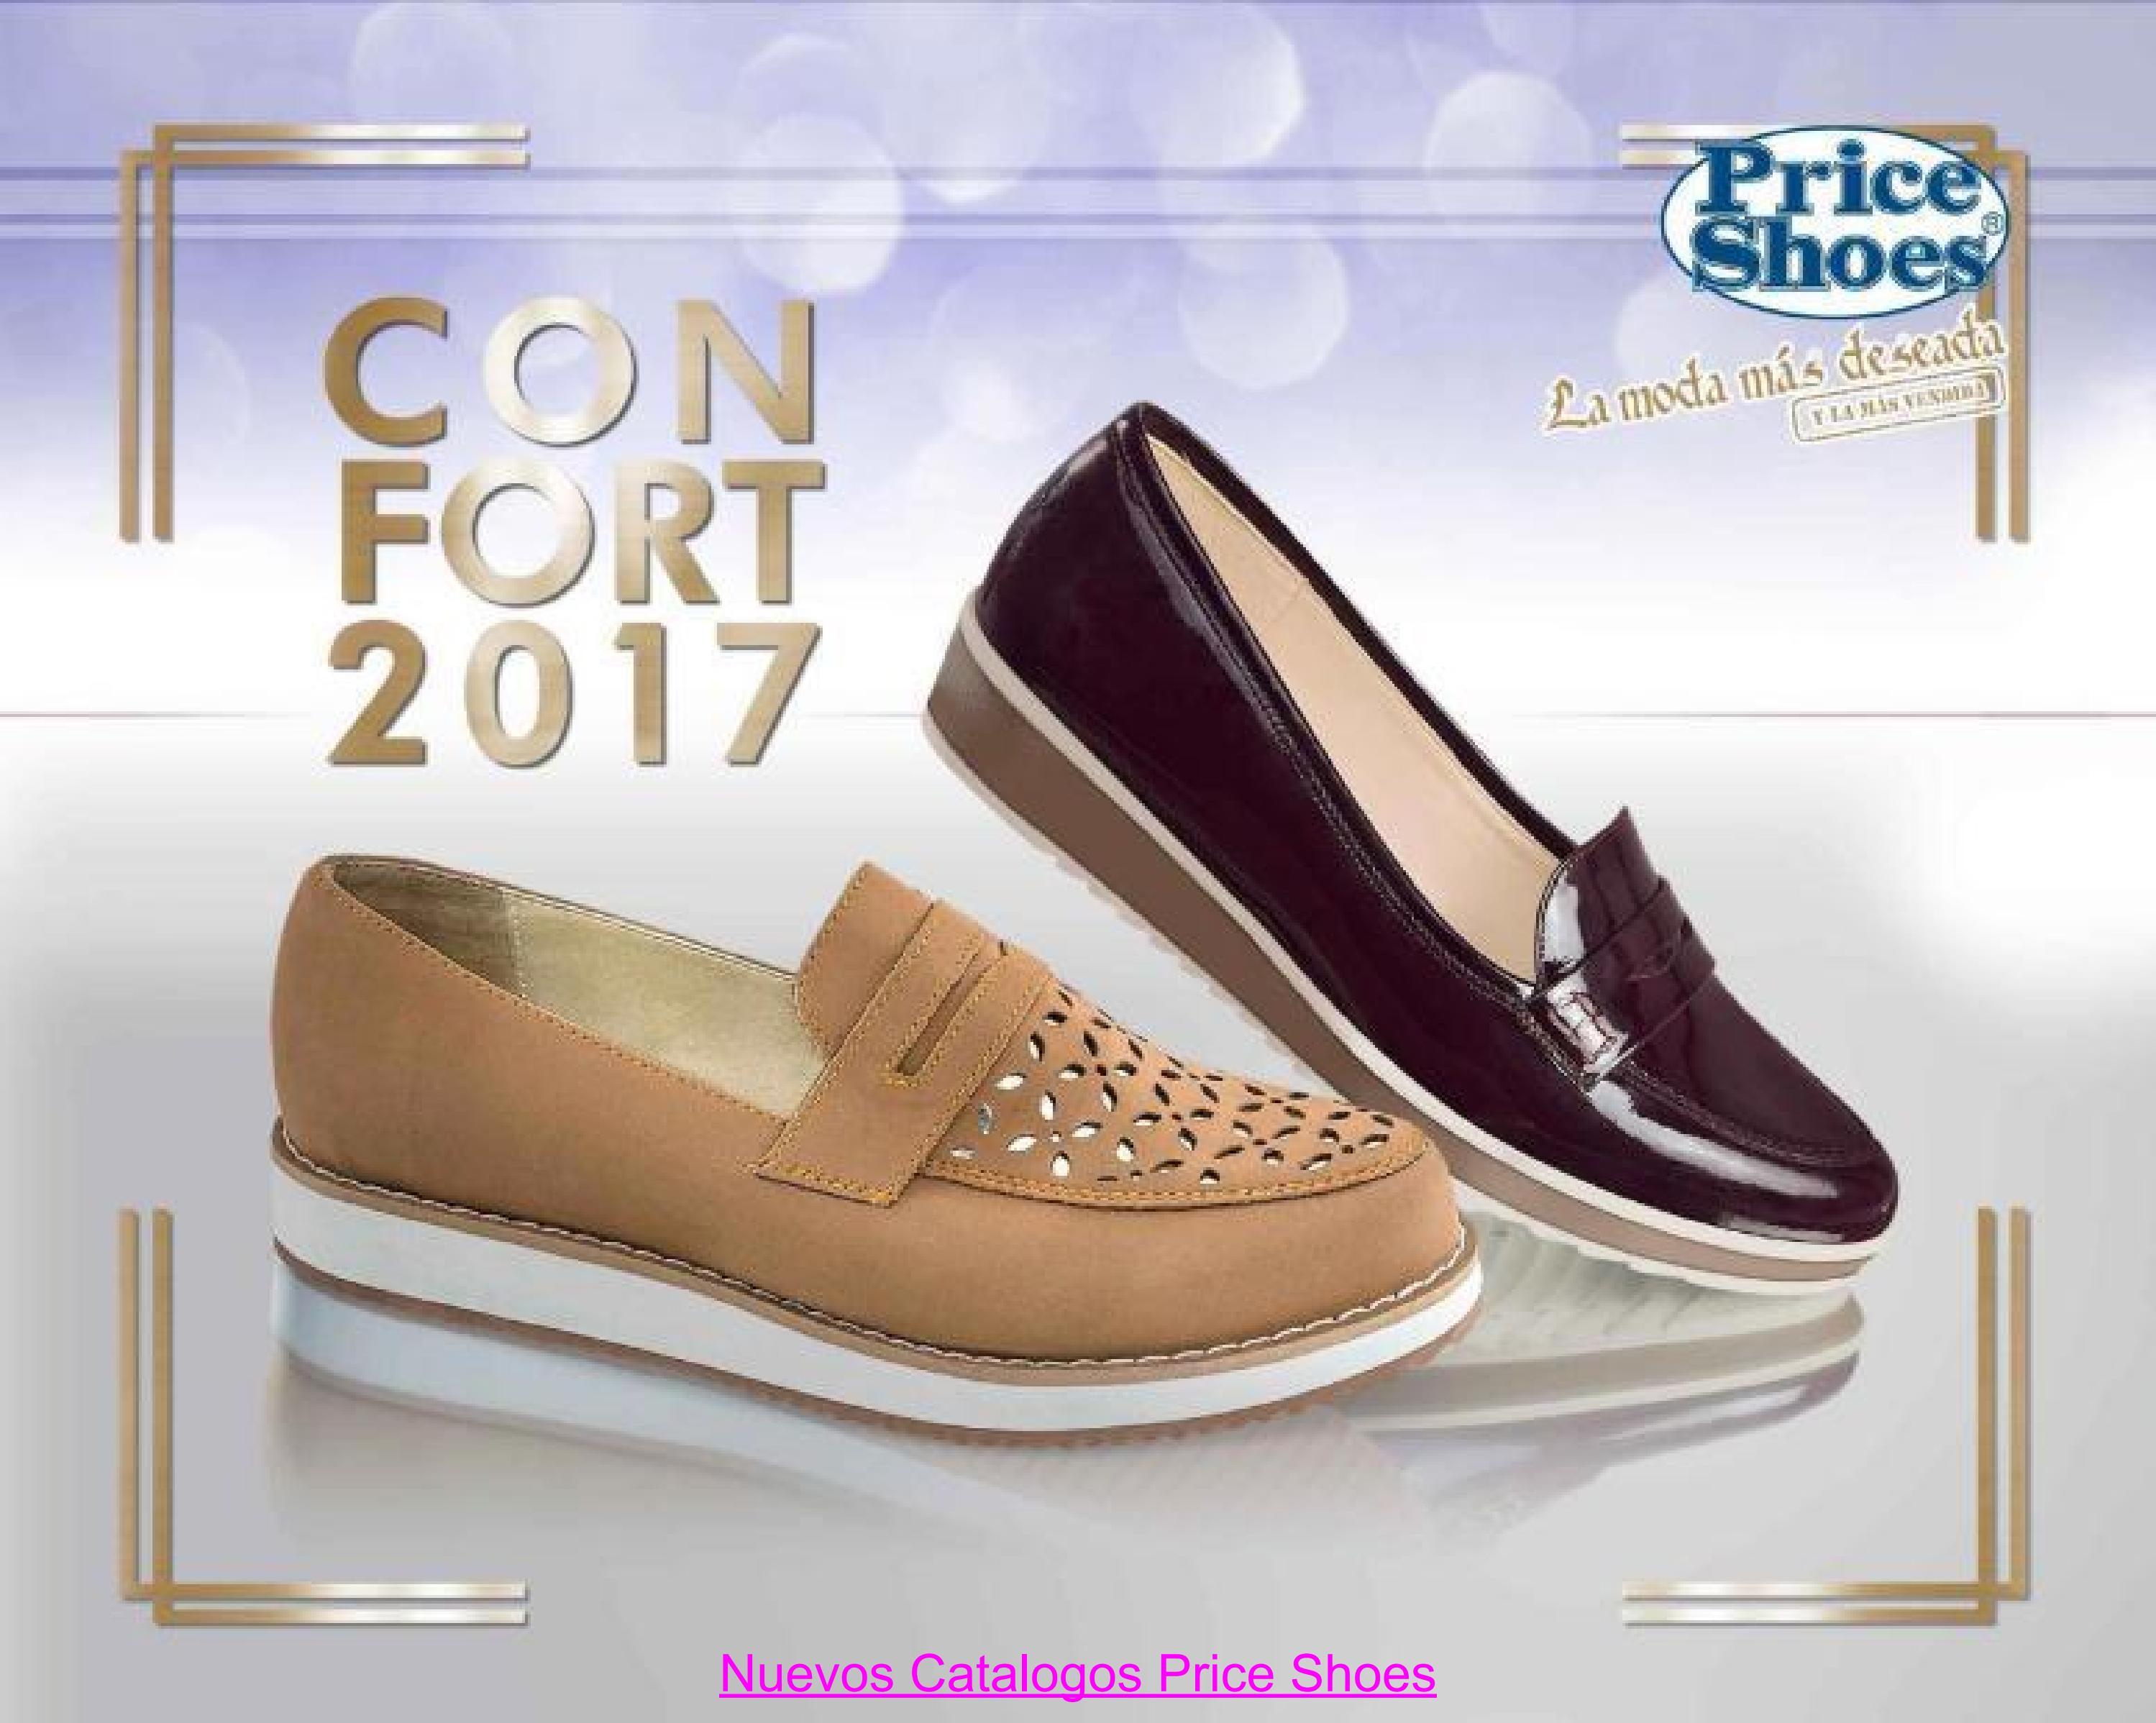 715476da zapatos confort 2017 PS by CatalogosMX by Revistas En linea - issuu